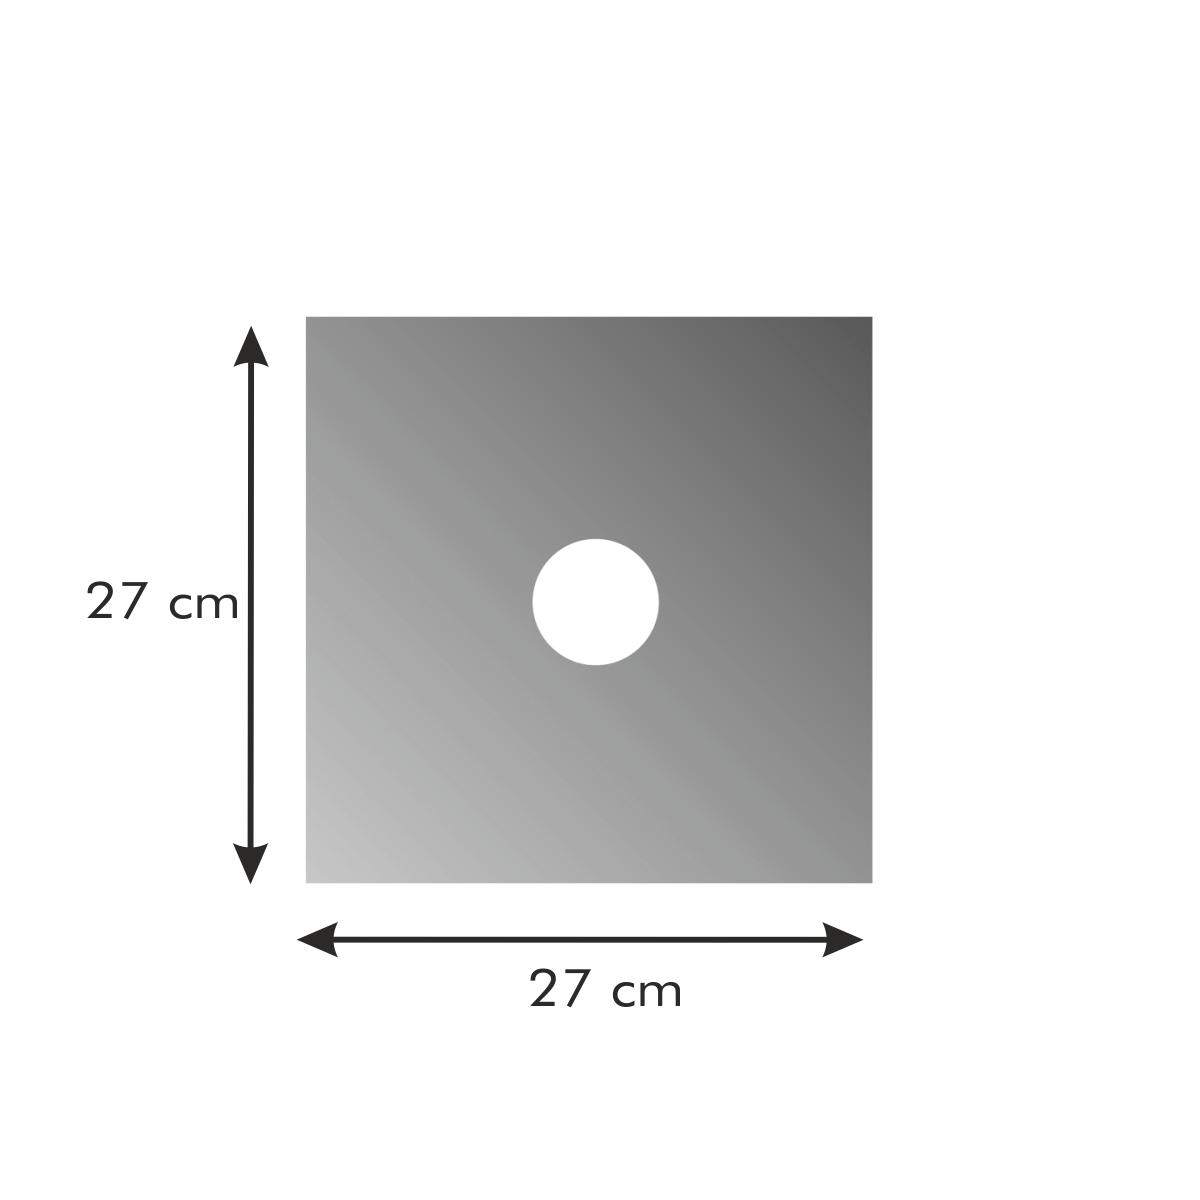 Ochranná podložka na plynové sporáky PRESTO 27 x 27 cm, 4 ks